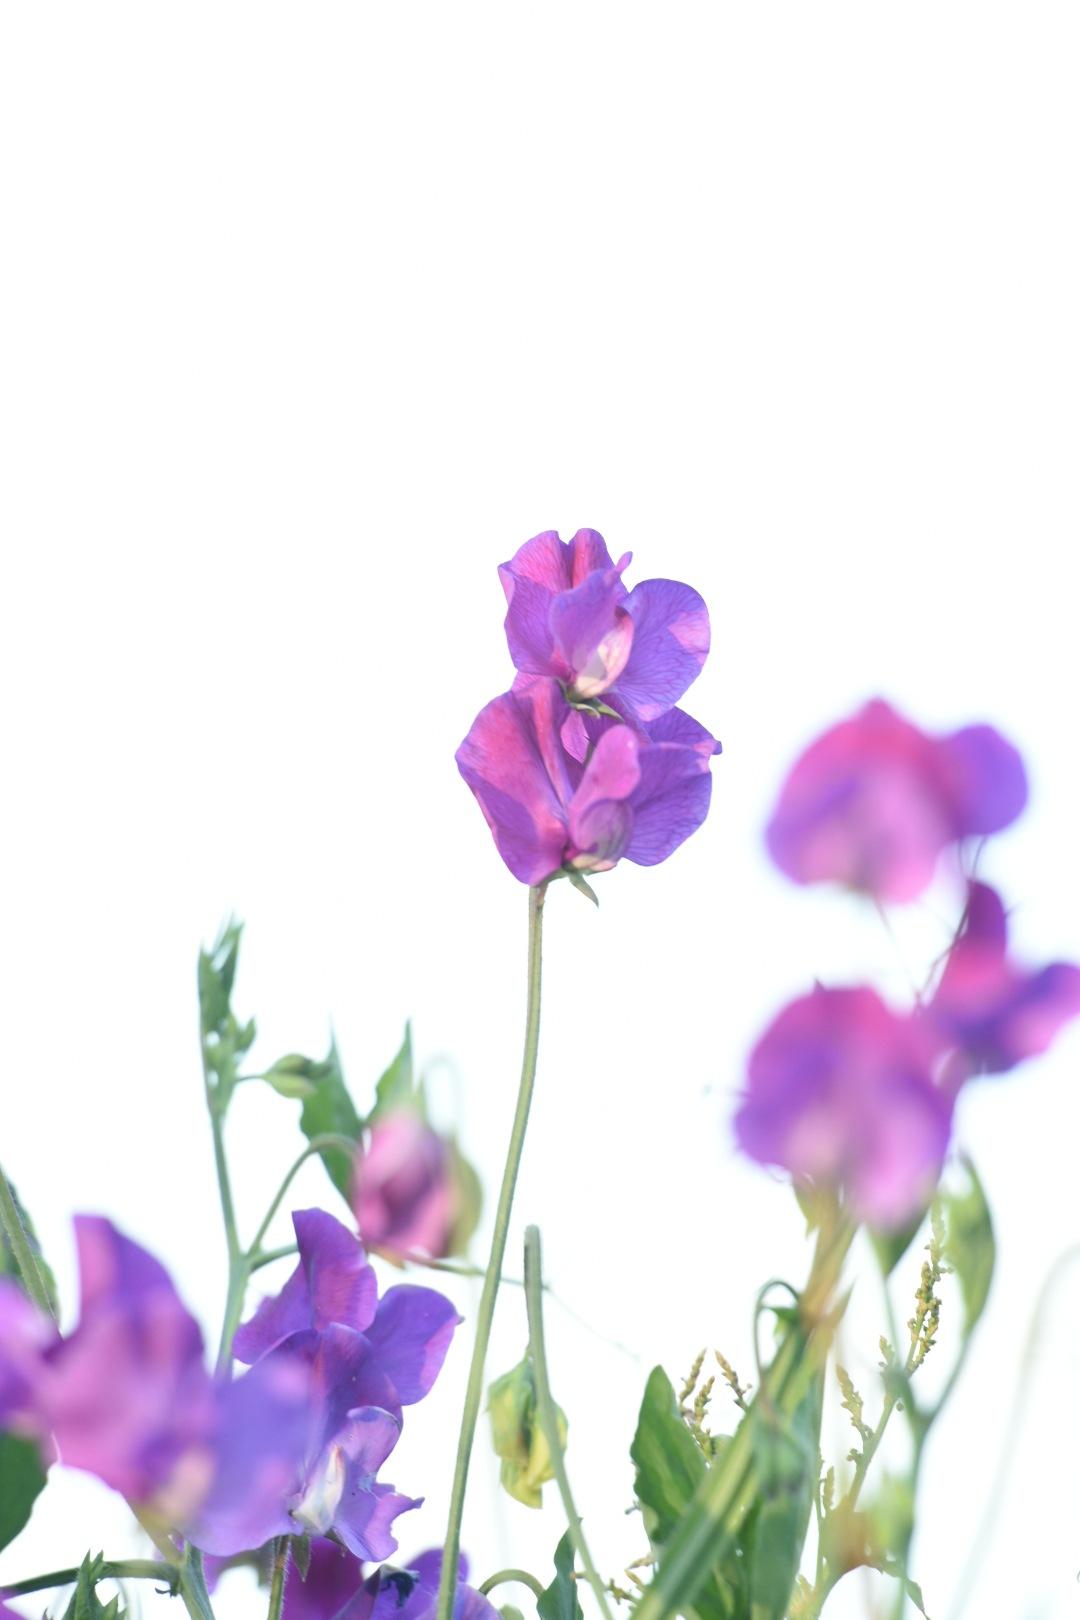 Flowers 331! by Memed Bayatli